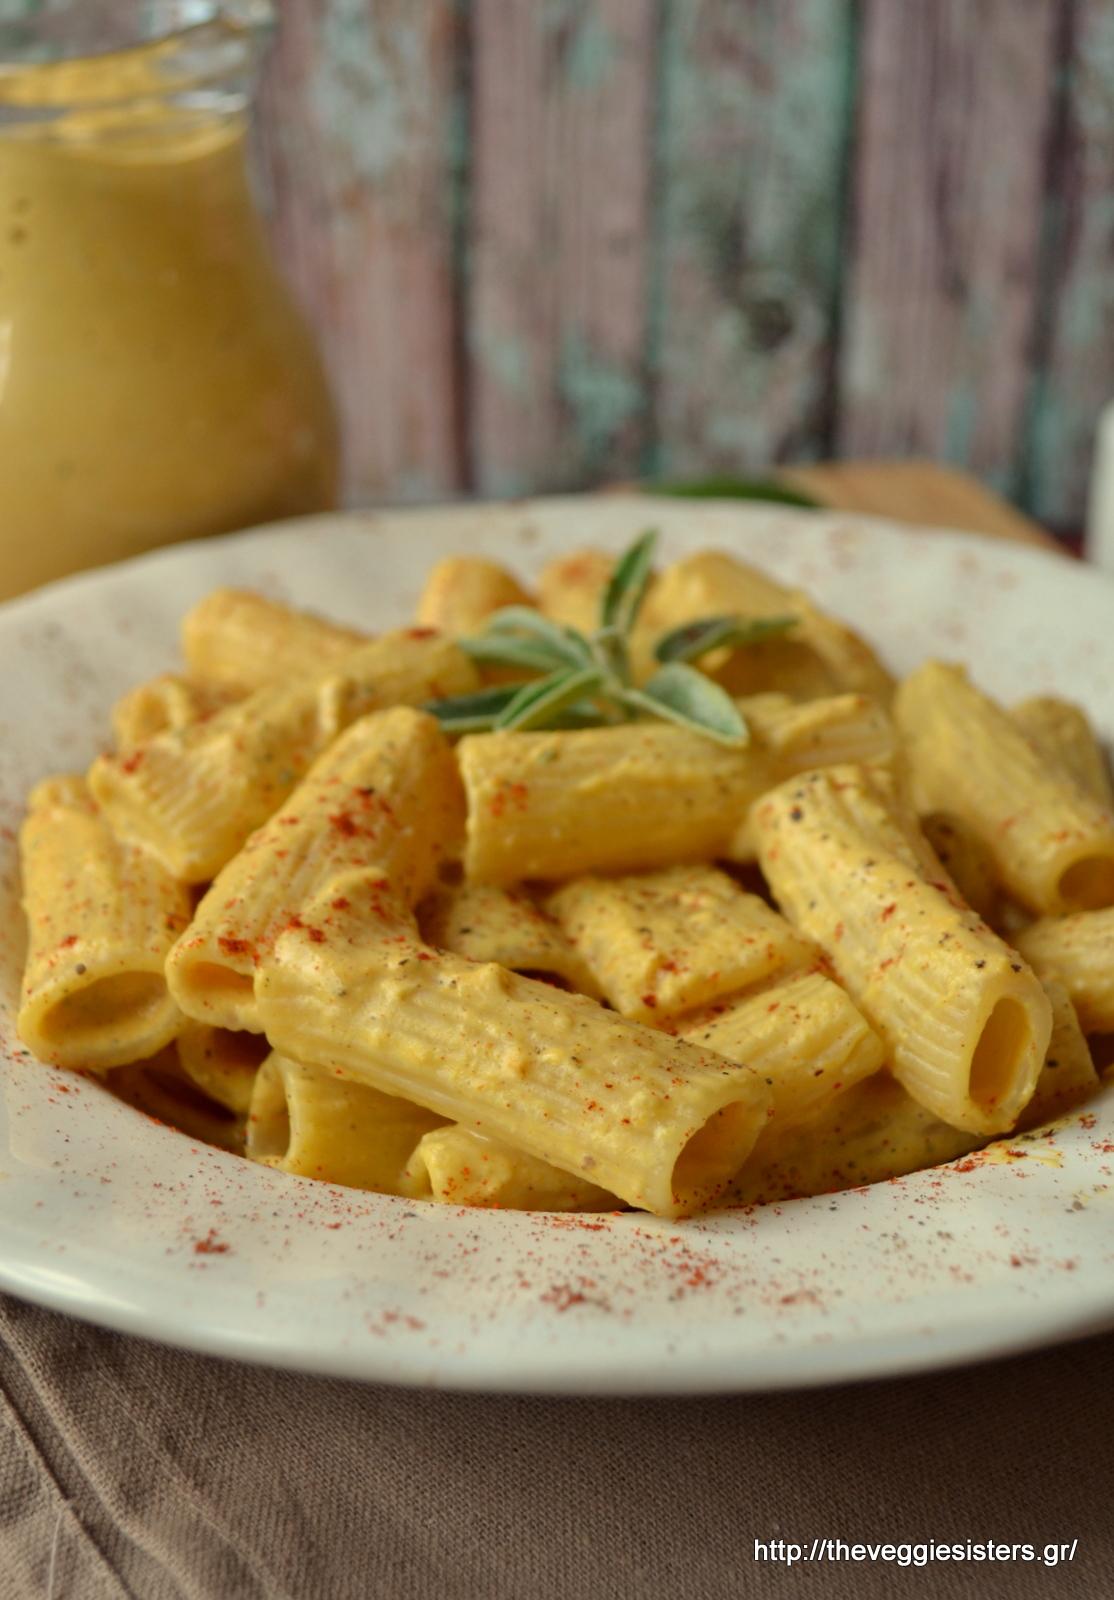 Ριγκατόνι με σάλτσα ψητής κολοκύθας κ φασκόμηλο - Rigatoni with roasted butternut squash and sage